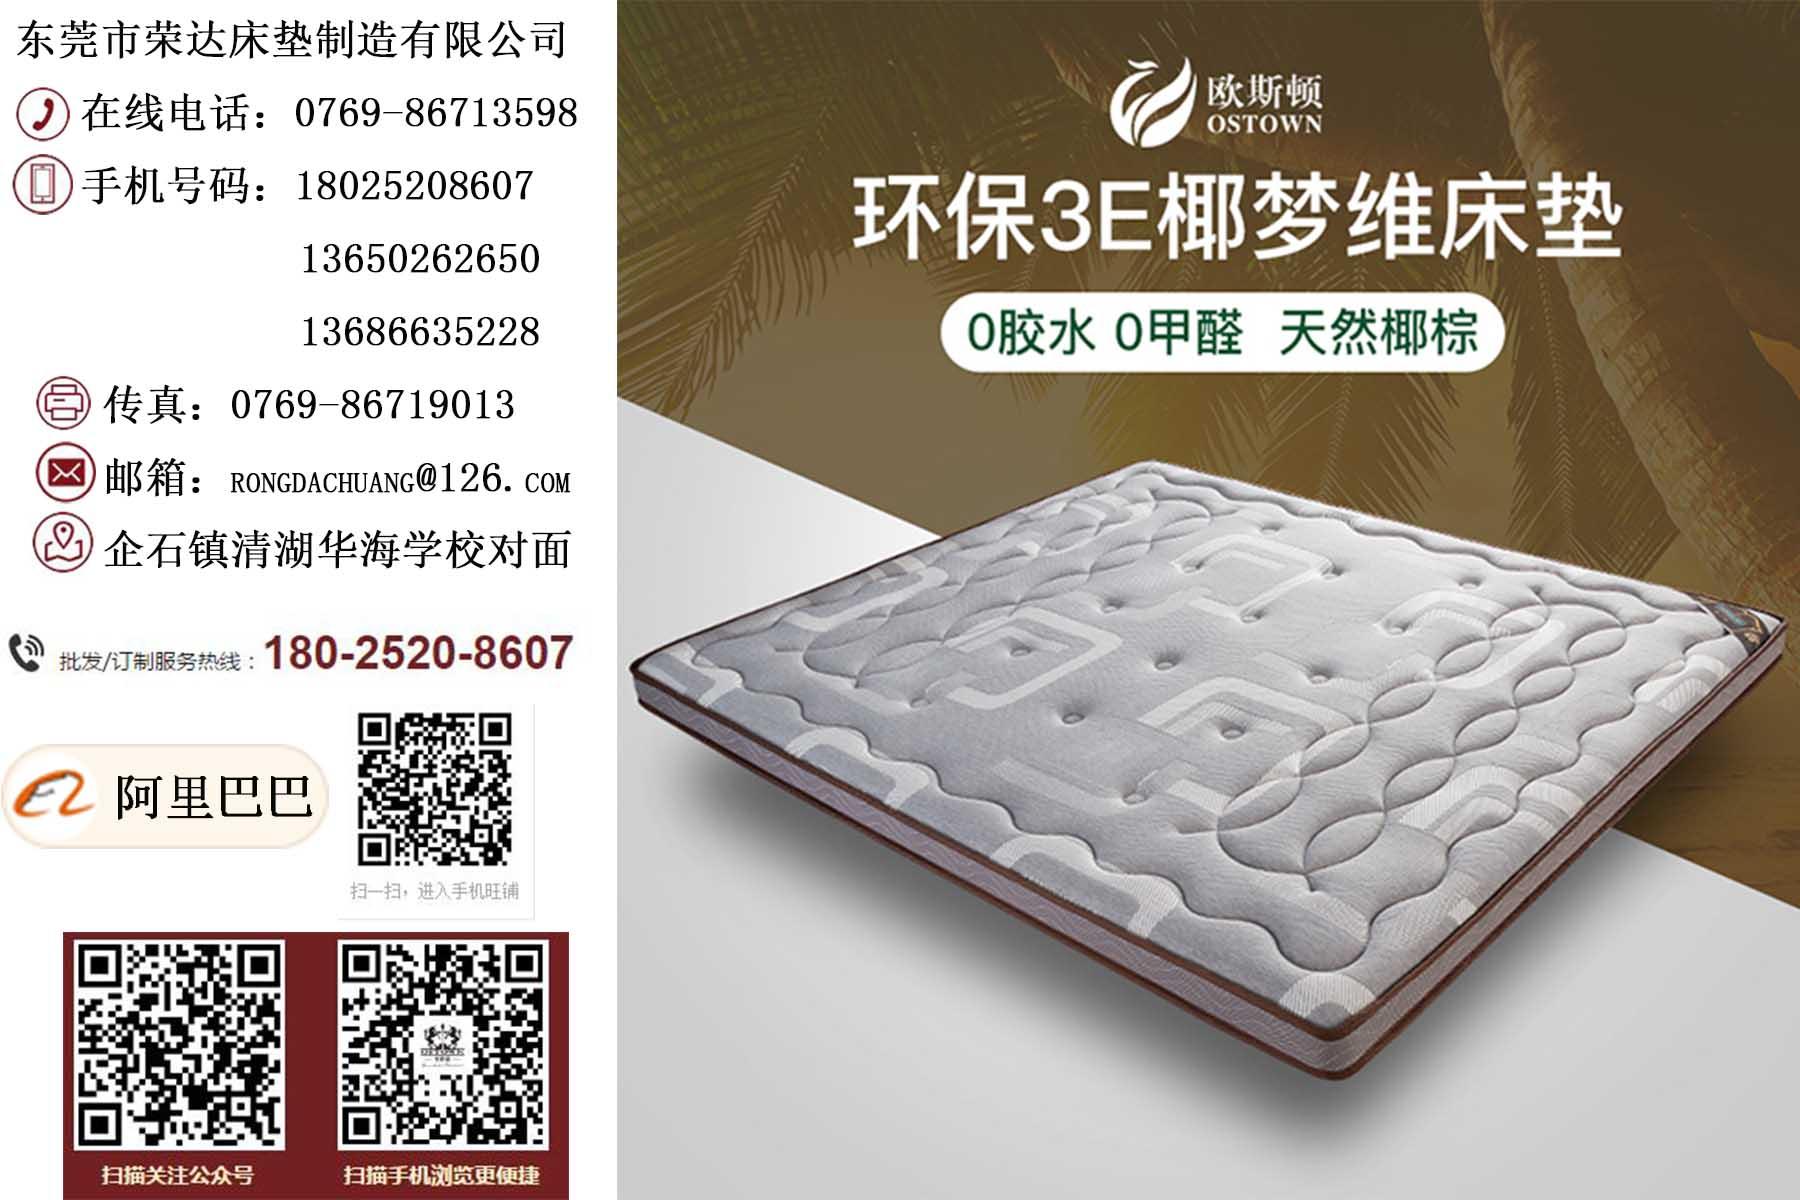 质量好的床垫定制在哪买,员工宿舍床垫